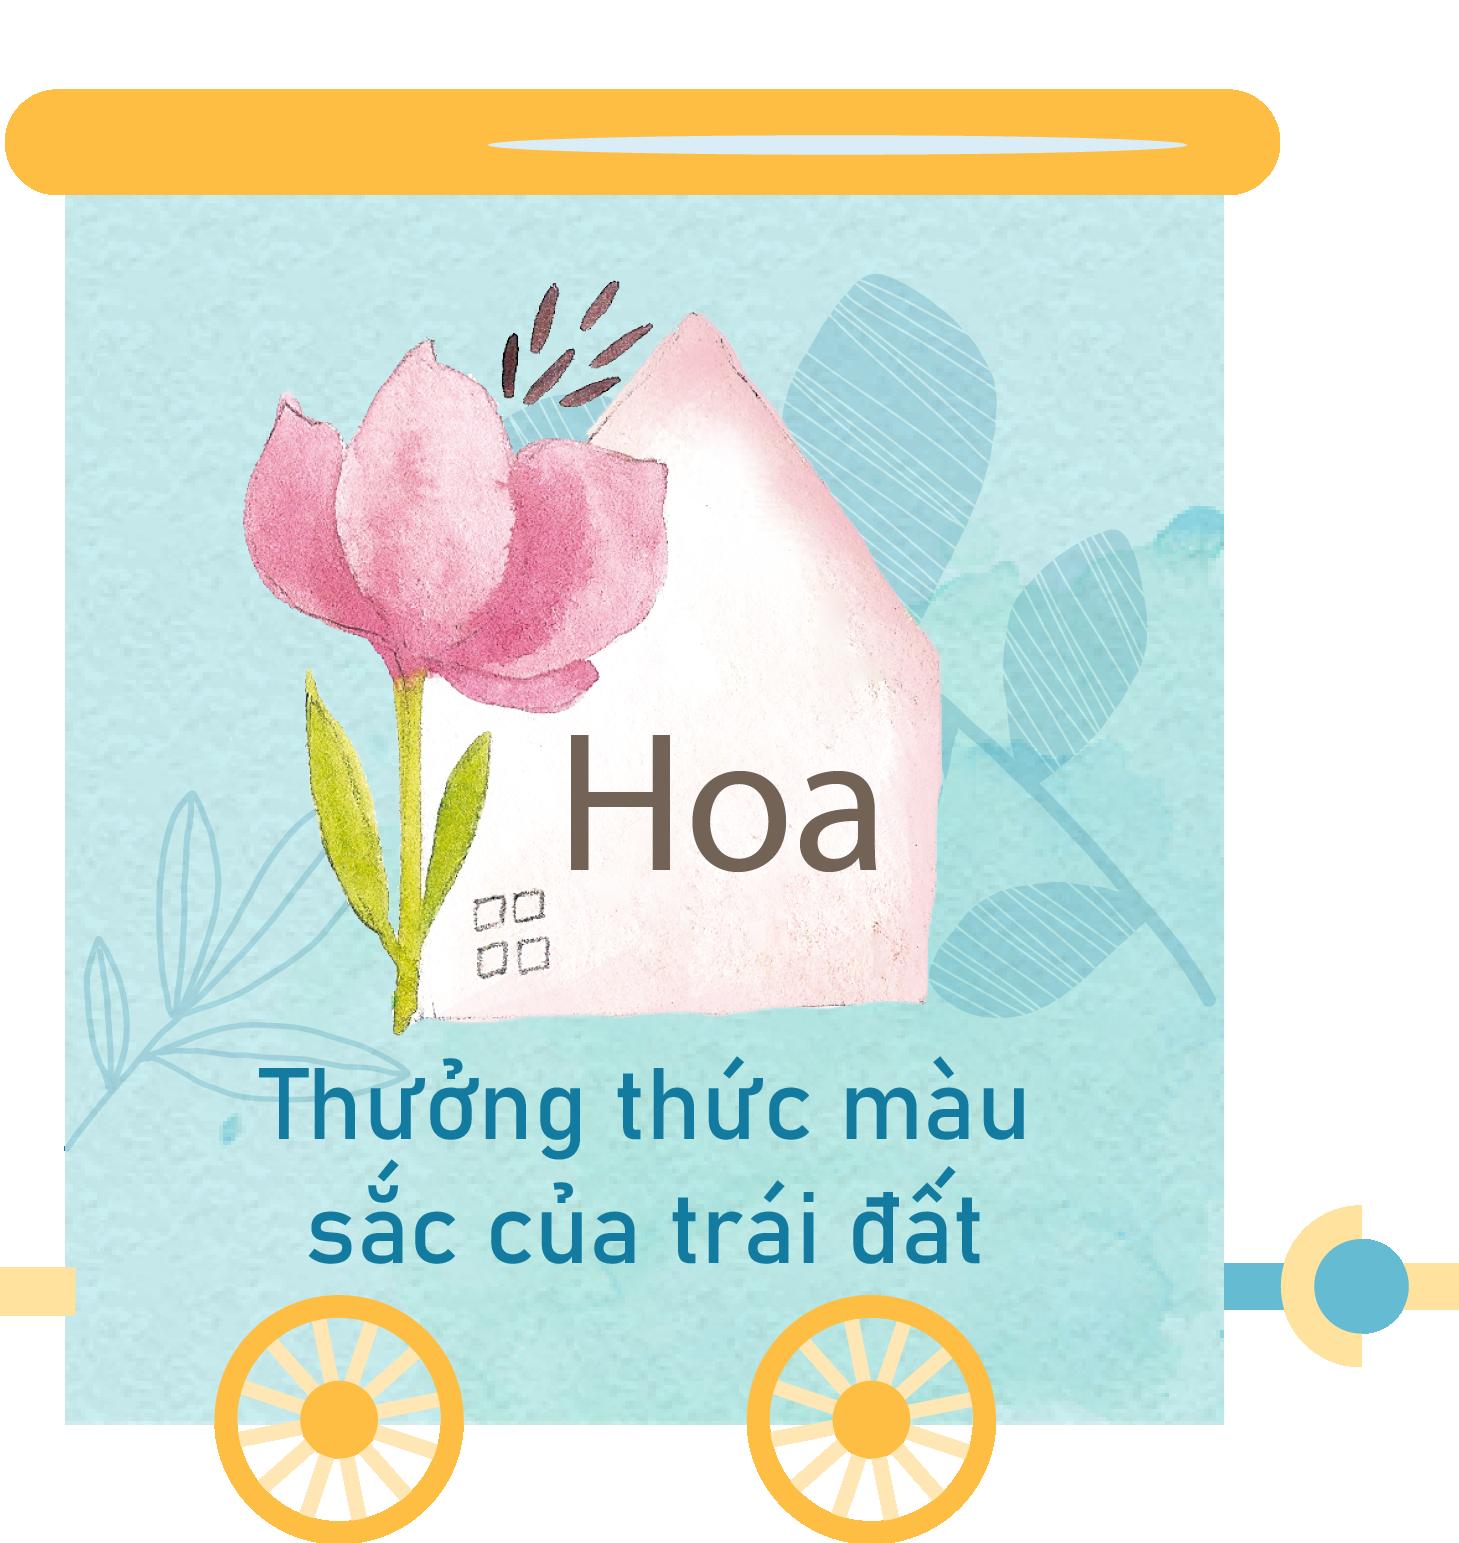 台灣休閒農場-首頁火車(越南文)-04